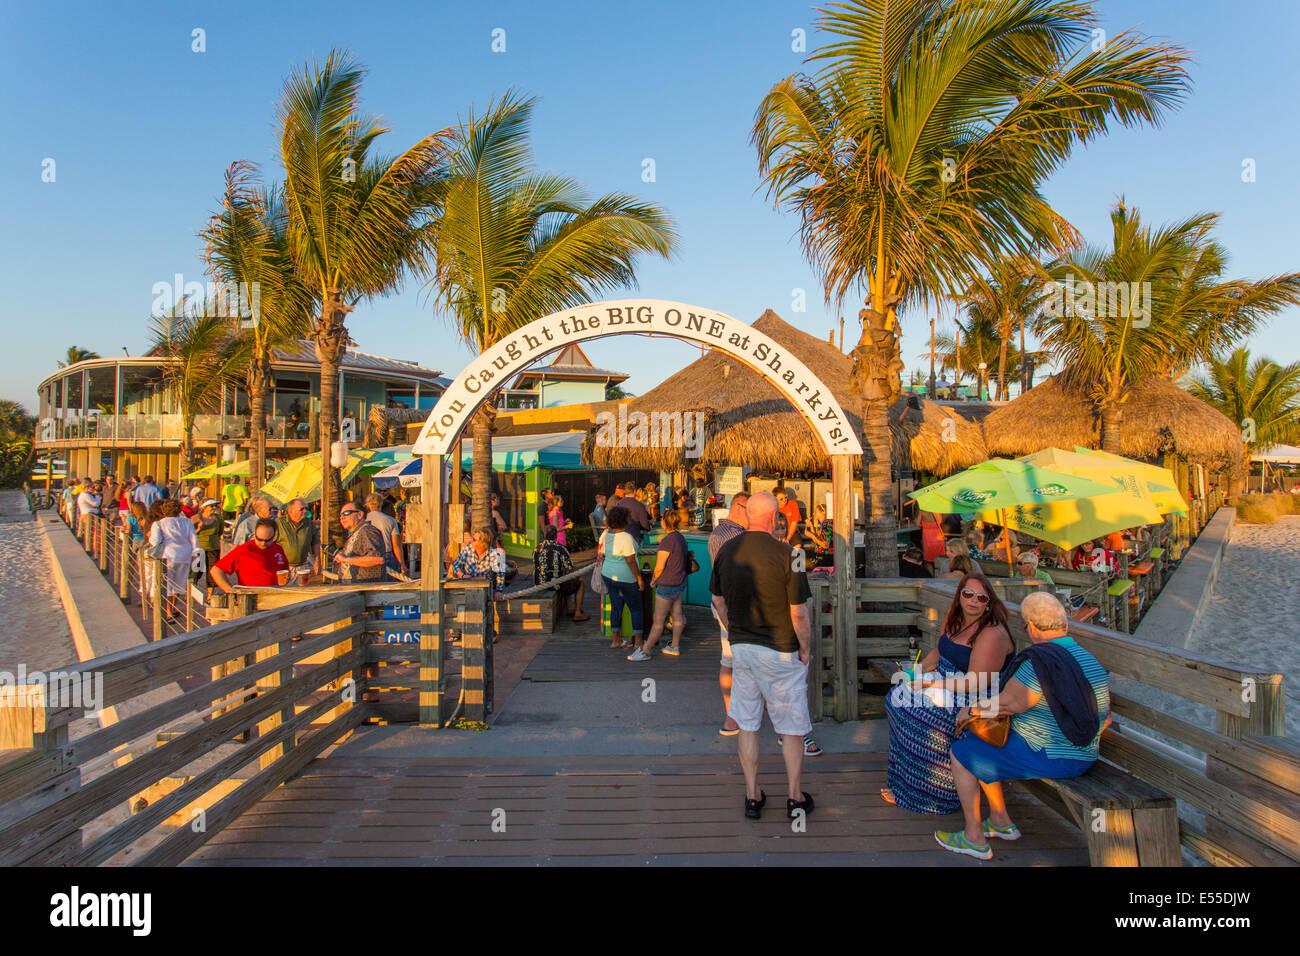 sharkys venice florida - photo#20